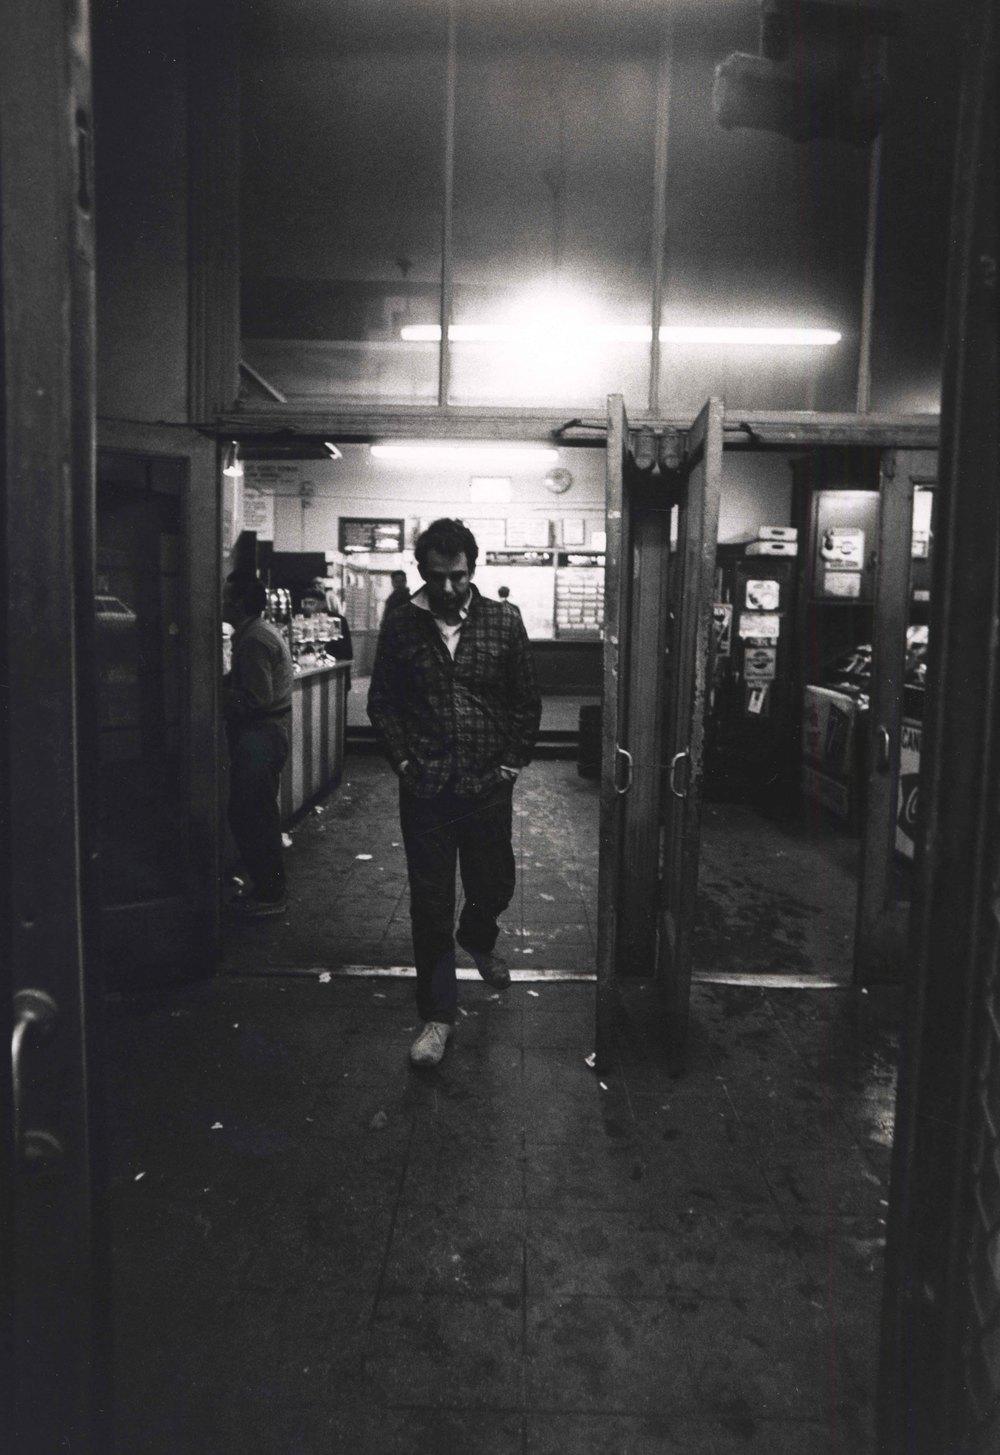 15_107_Man walking out of double doors_Dan Wynn Archive.jpeg